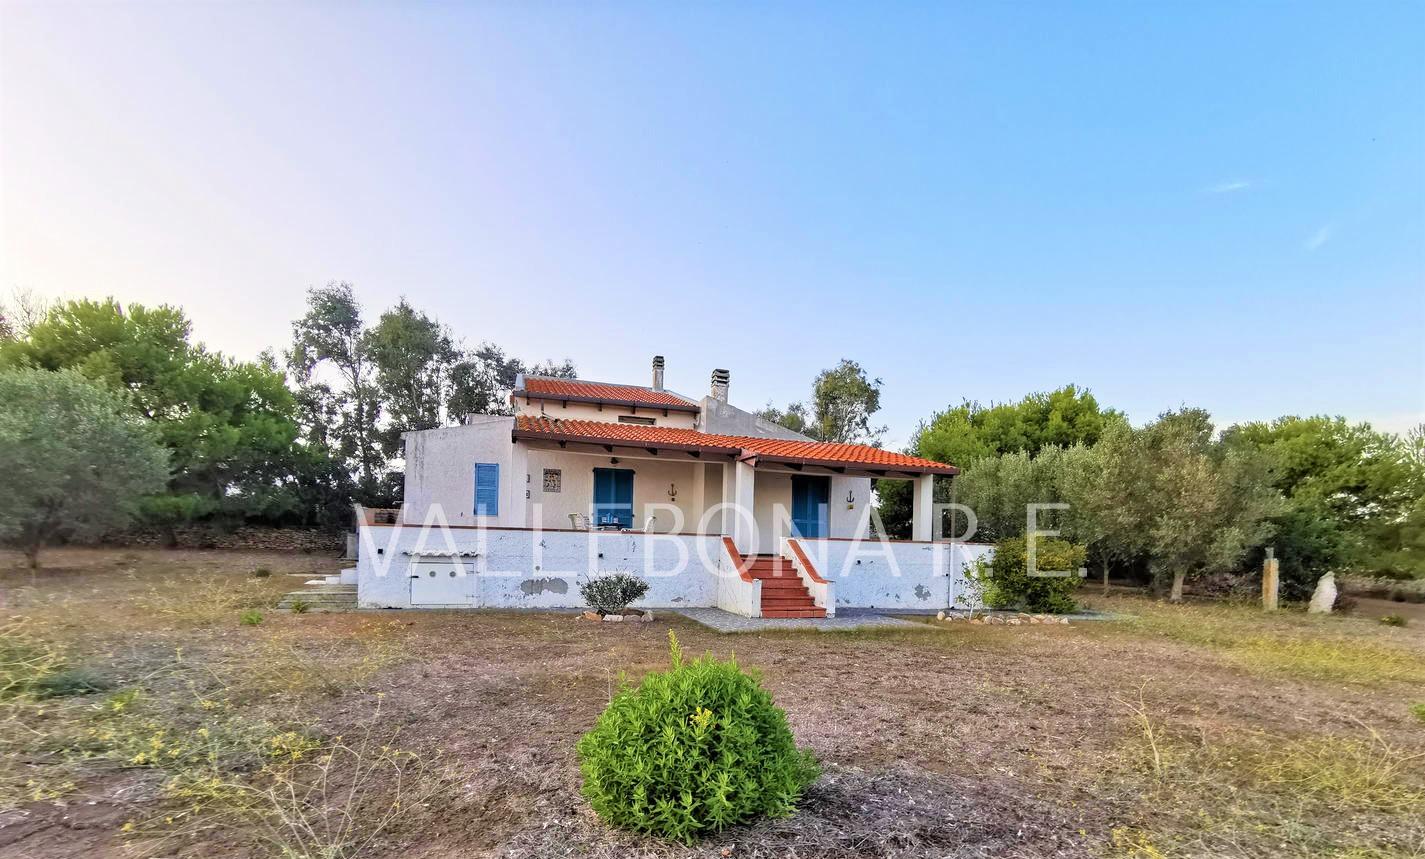 Villa in vendita a Carloforte, 7 locali, zona Località: Carlofortefuoripaese/Outsidetown, prezzo € 380.000 | CambioCasa.it